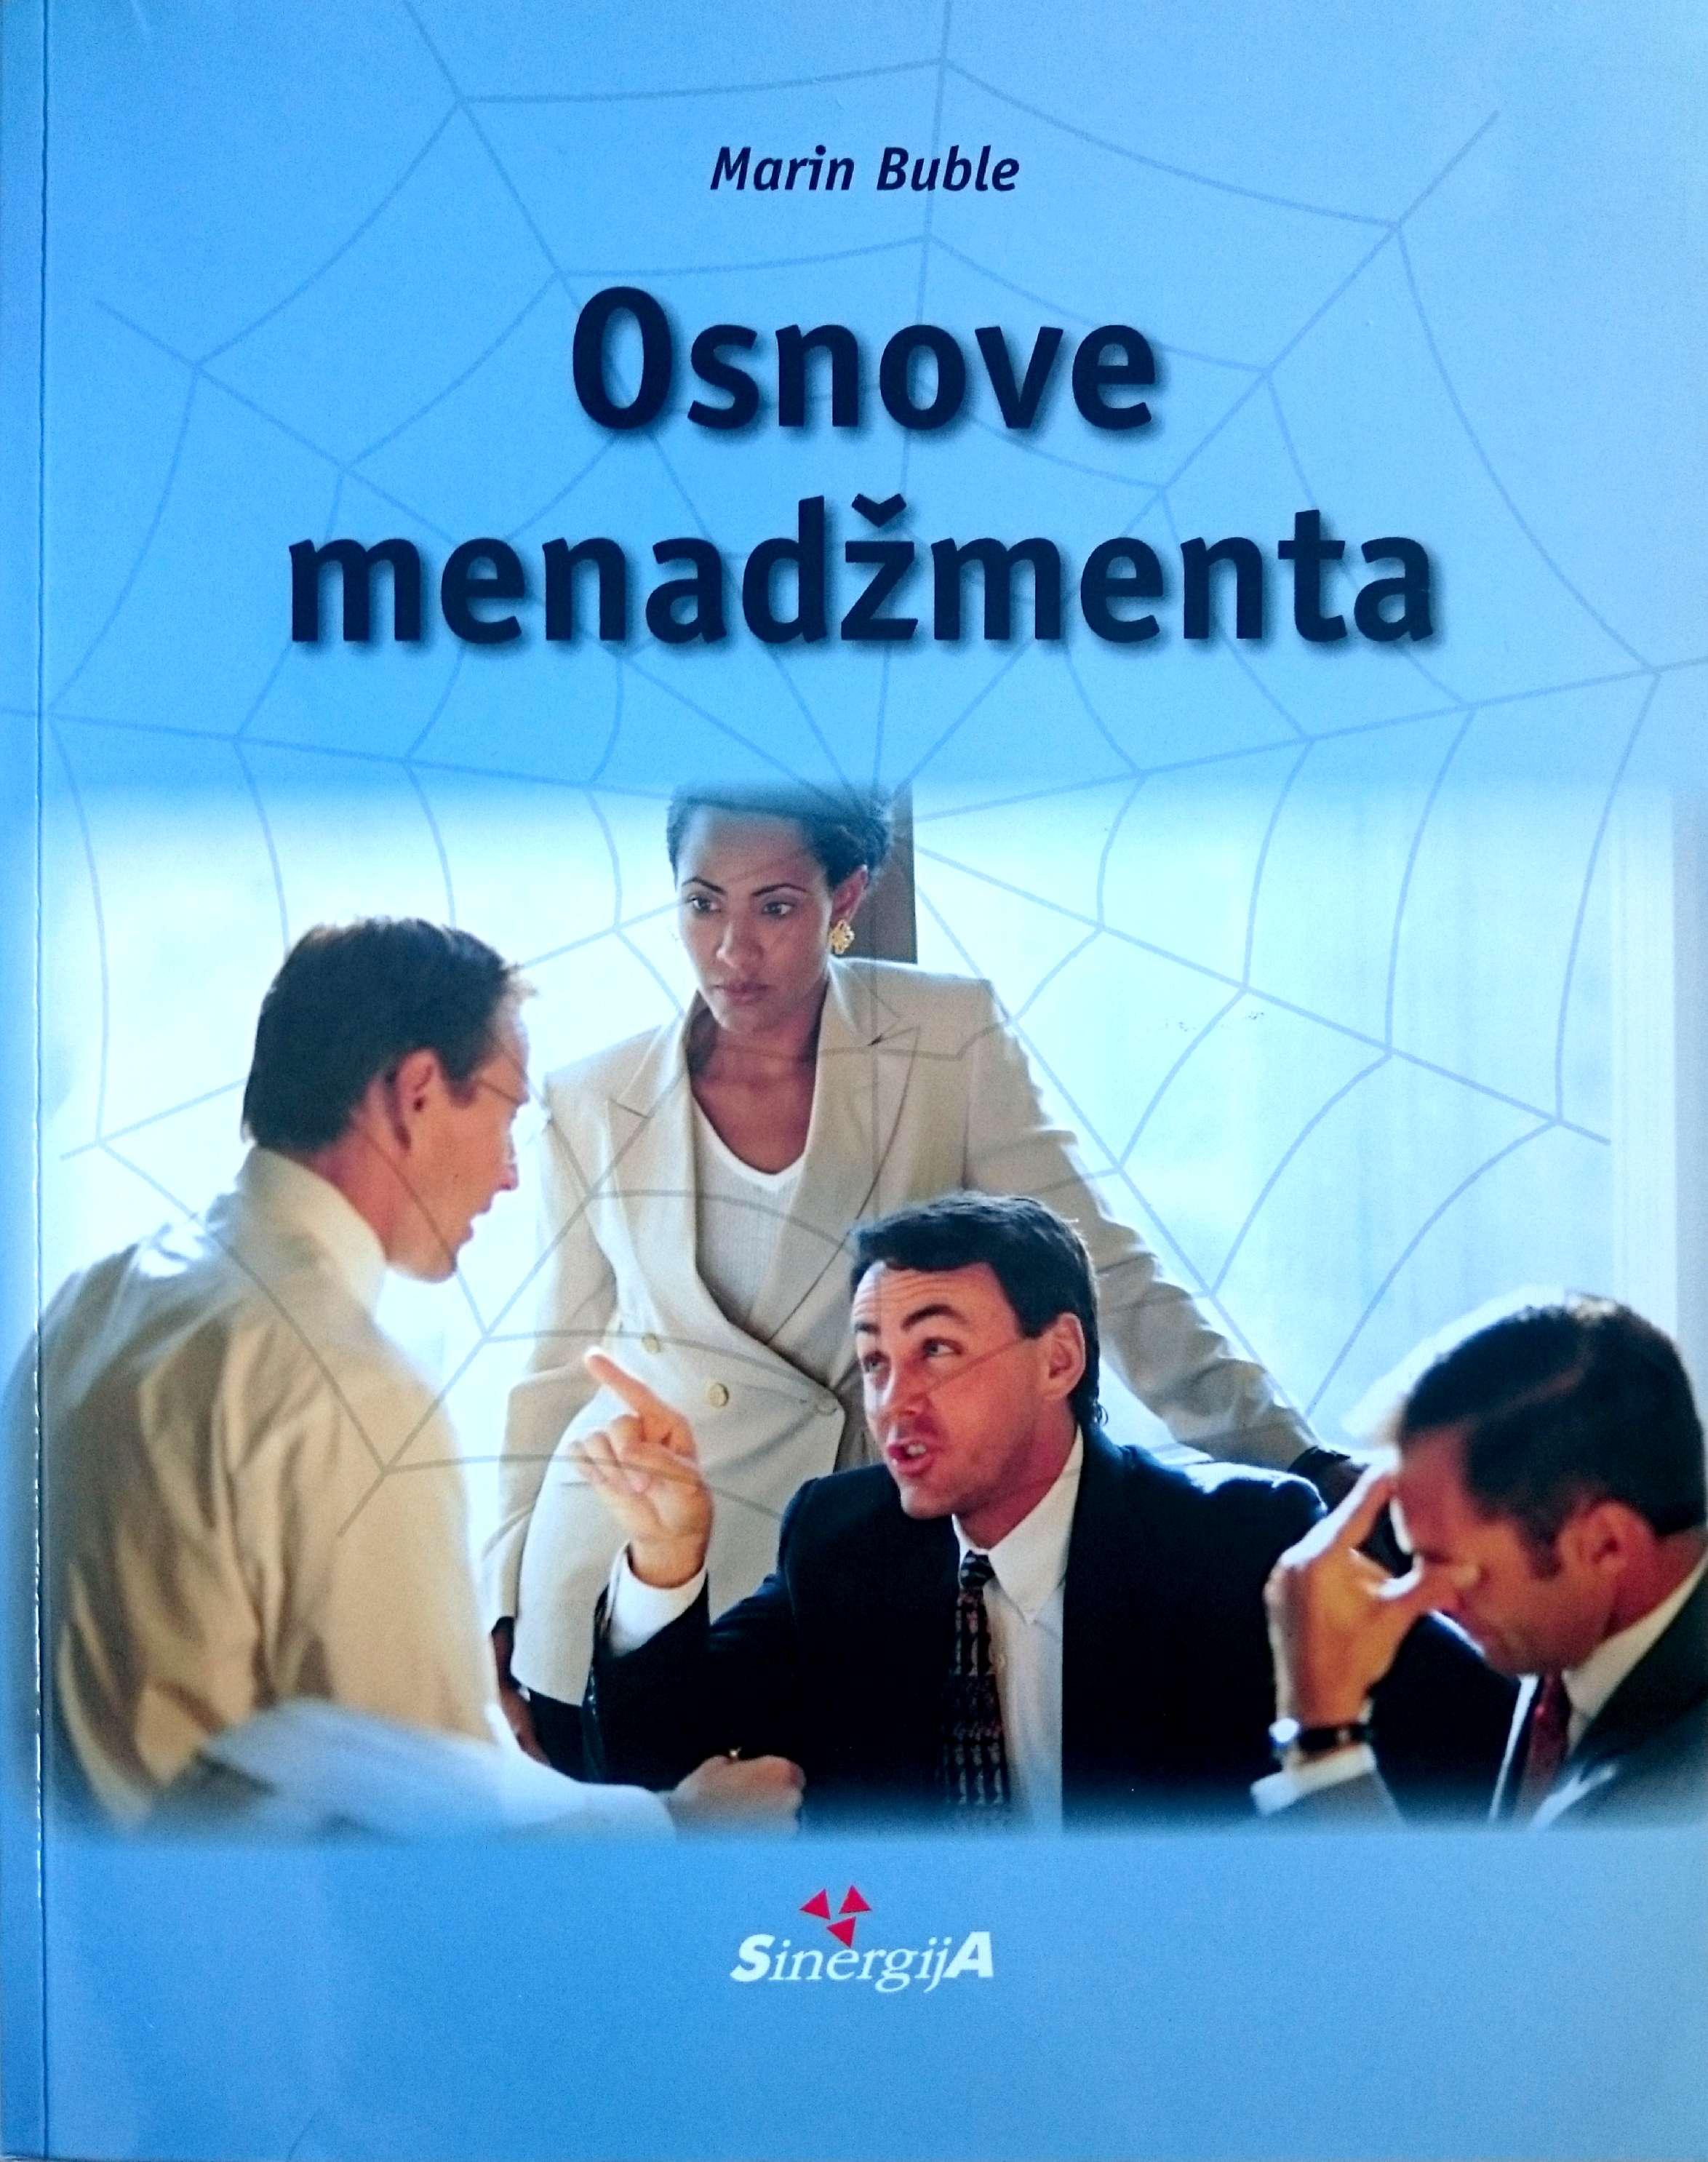 OSNOVE MENADŽMENTA - Naruči svoju knjigu